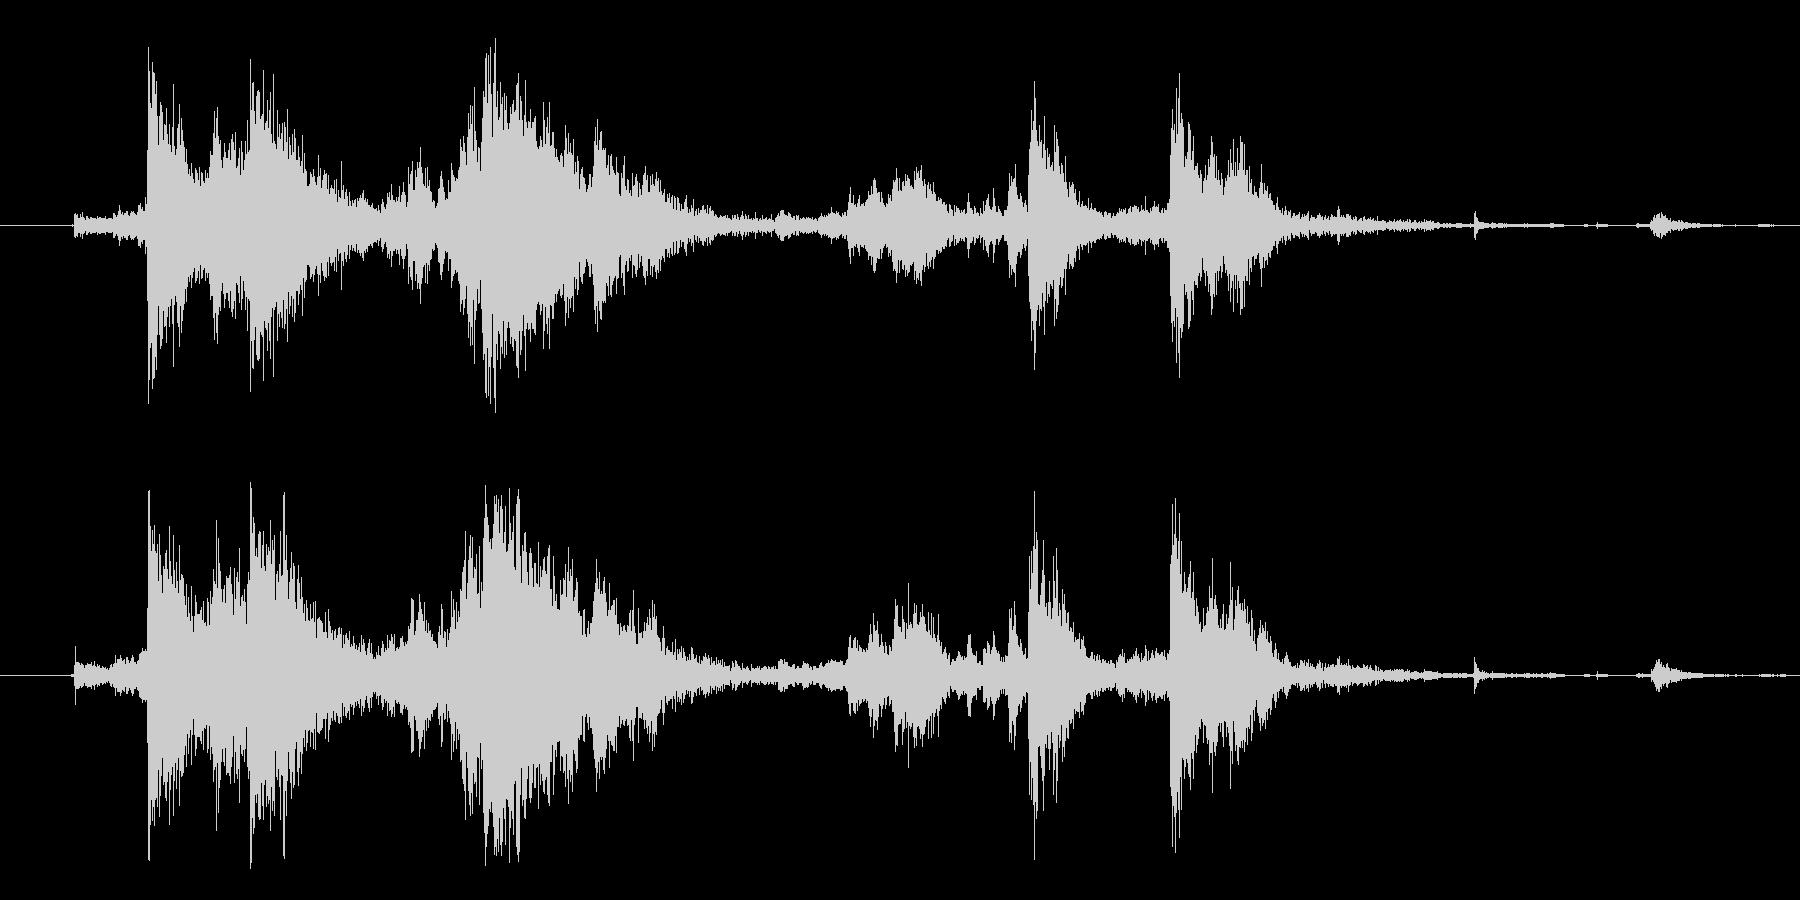 メタル クラッシュミディアム07の未再生の波形